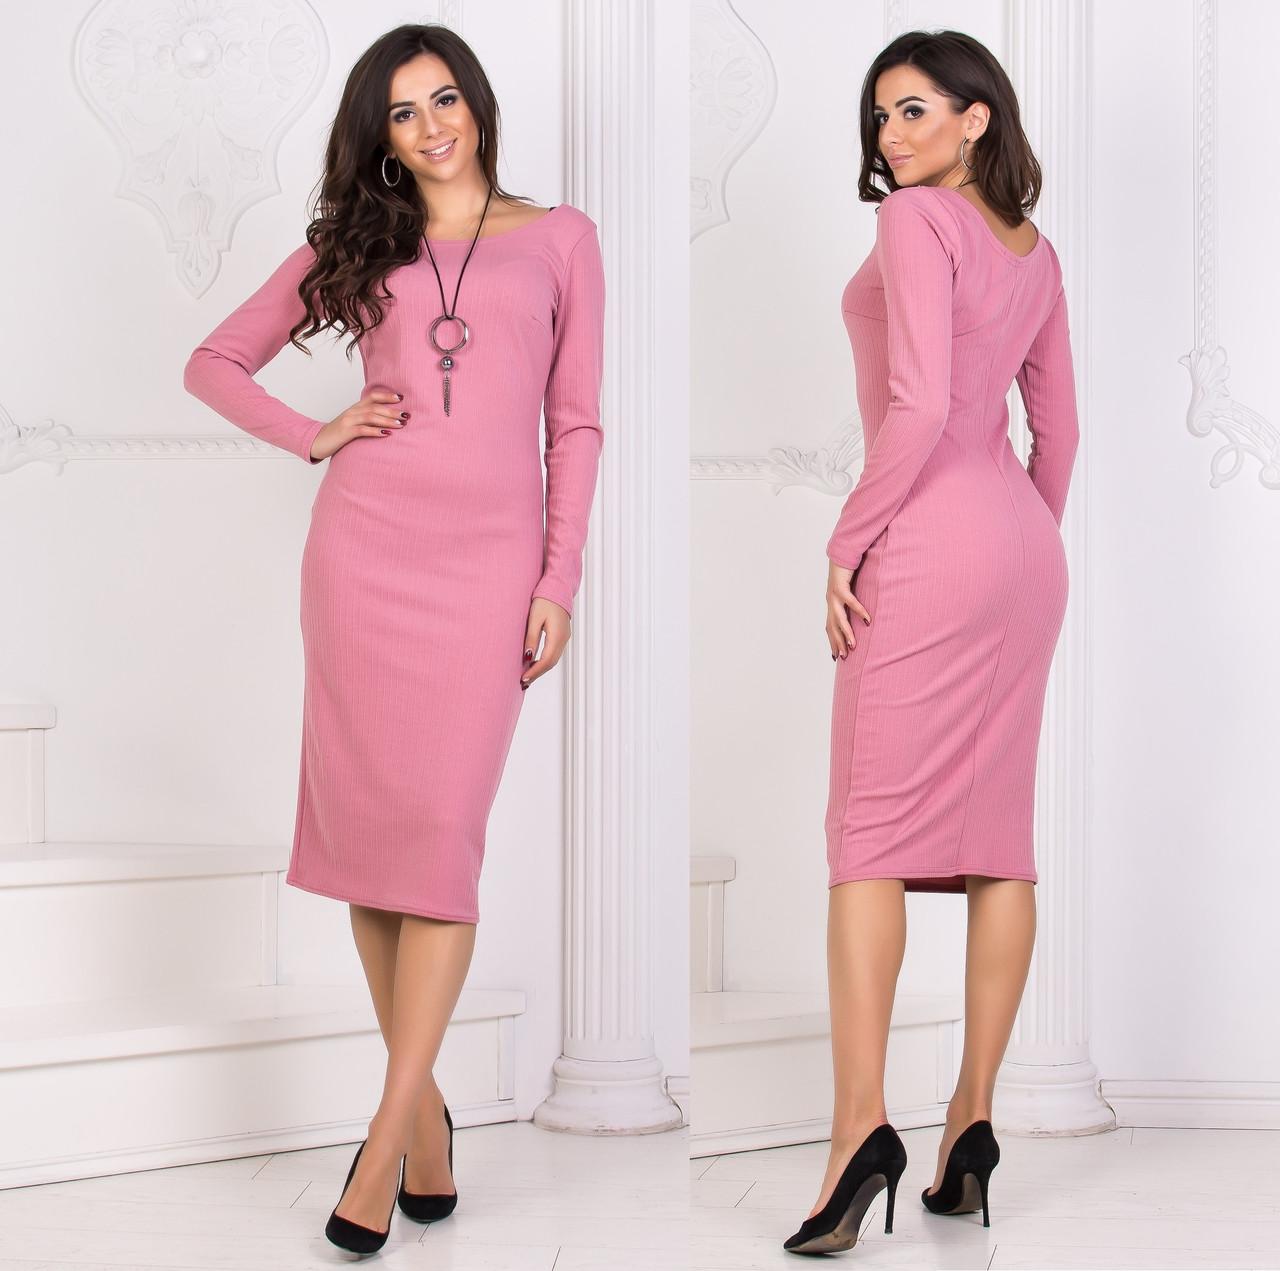 b1159508e00 Купить Повседневное платье миди оптом и в розницу в Одессе от ...